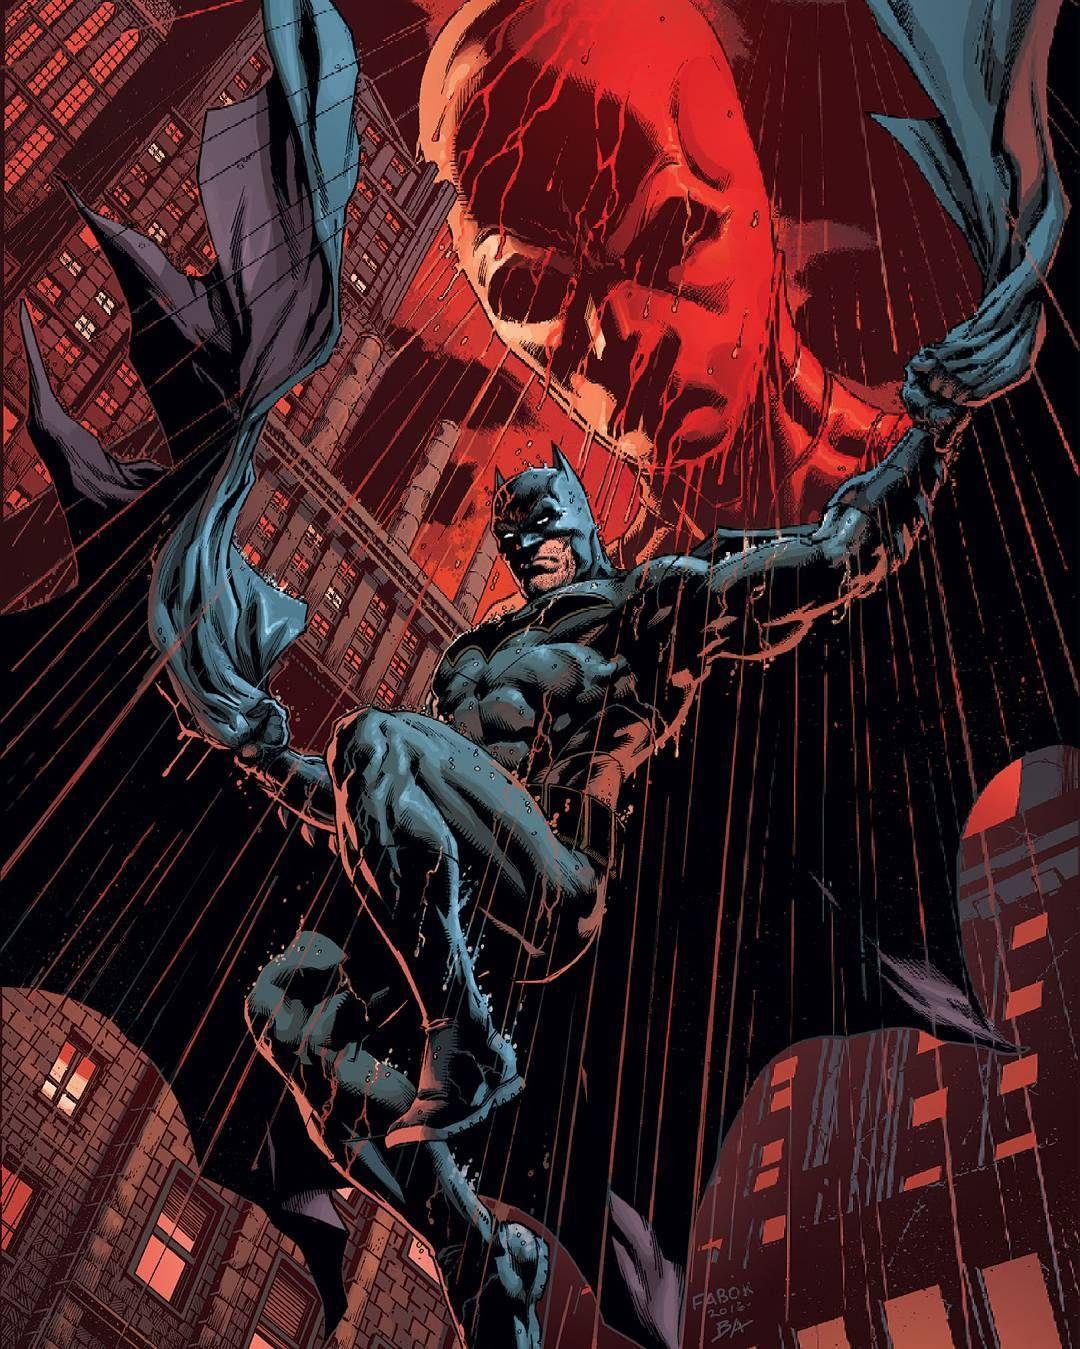 Pin De Jorge Palma Tello Em Dc Universe Fotos De Super Herois Cavaleiro Das Trevas Super Heróis Dc